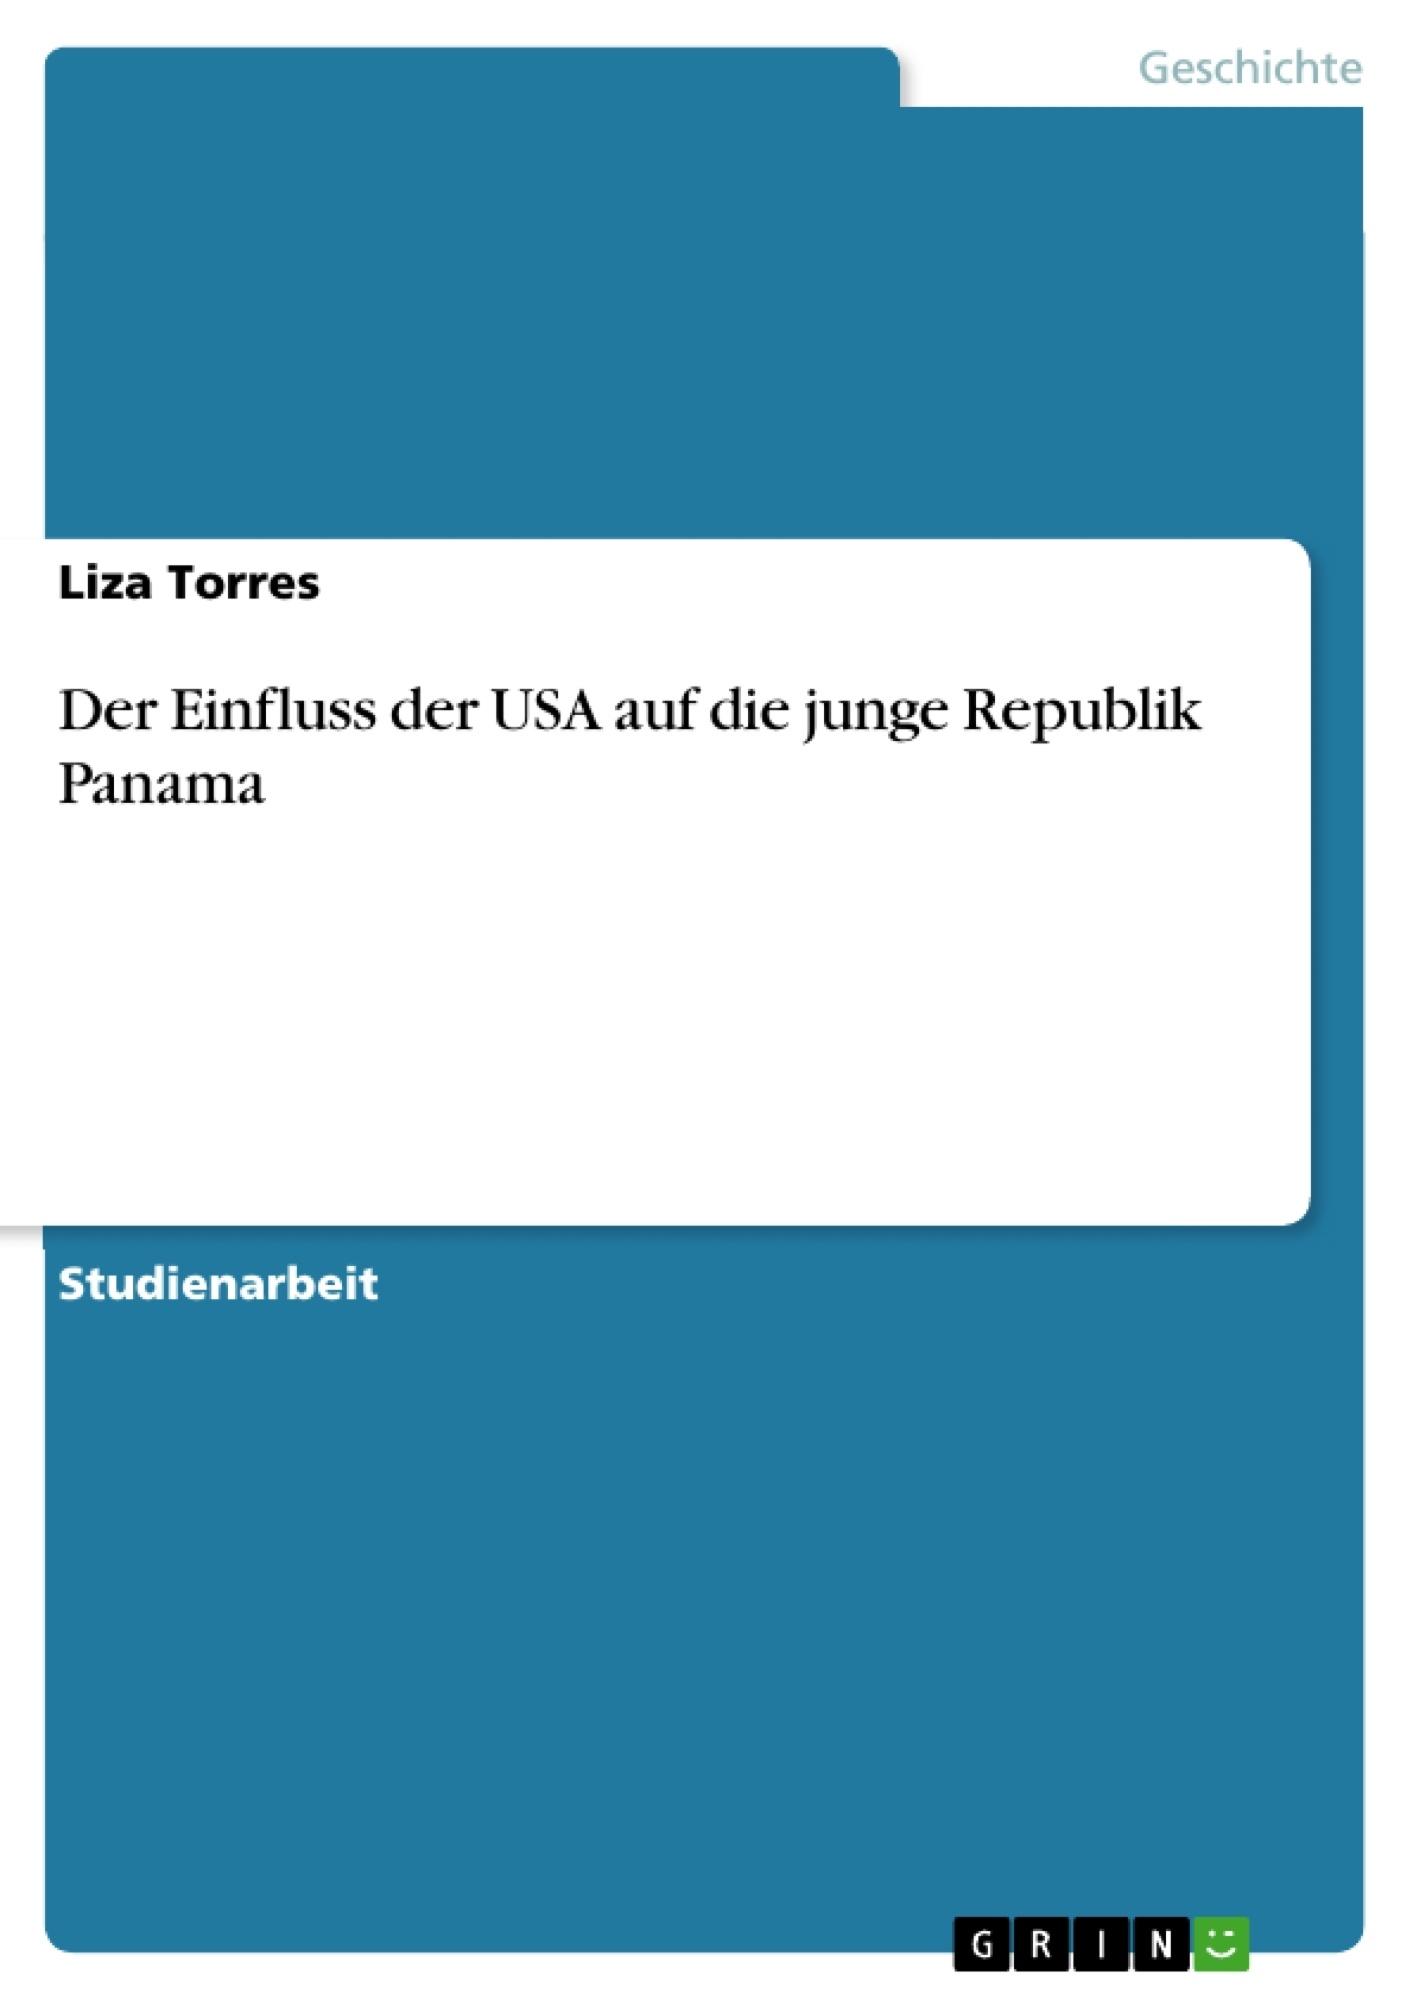 Titel: Der Einfluss der USA auf die junge Republik Panama